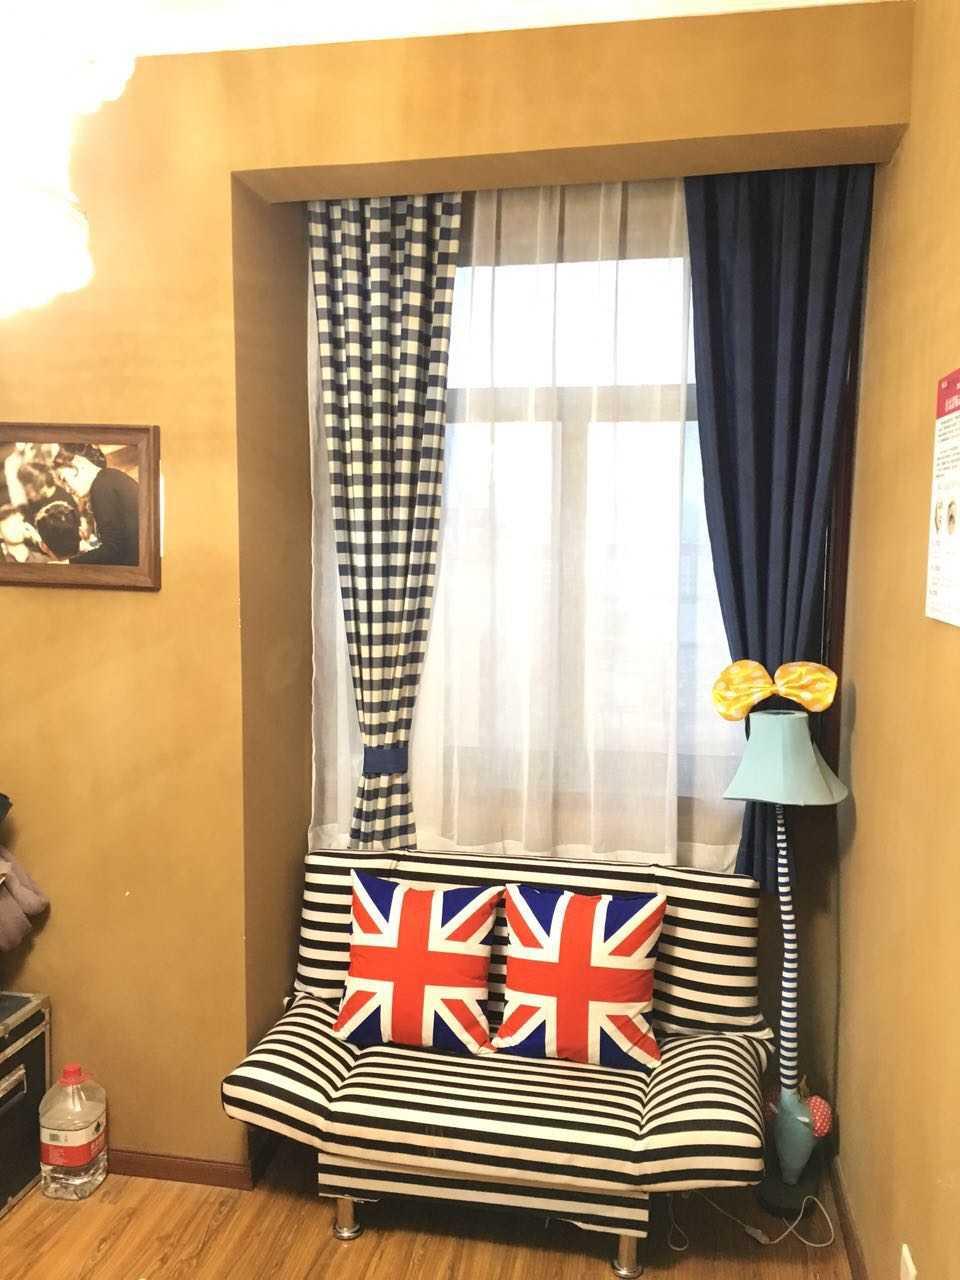 美式乡村风格窗帘酒店小窗户遮光窗帘